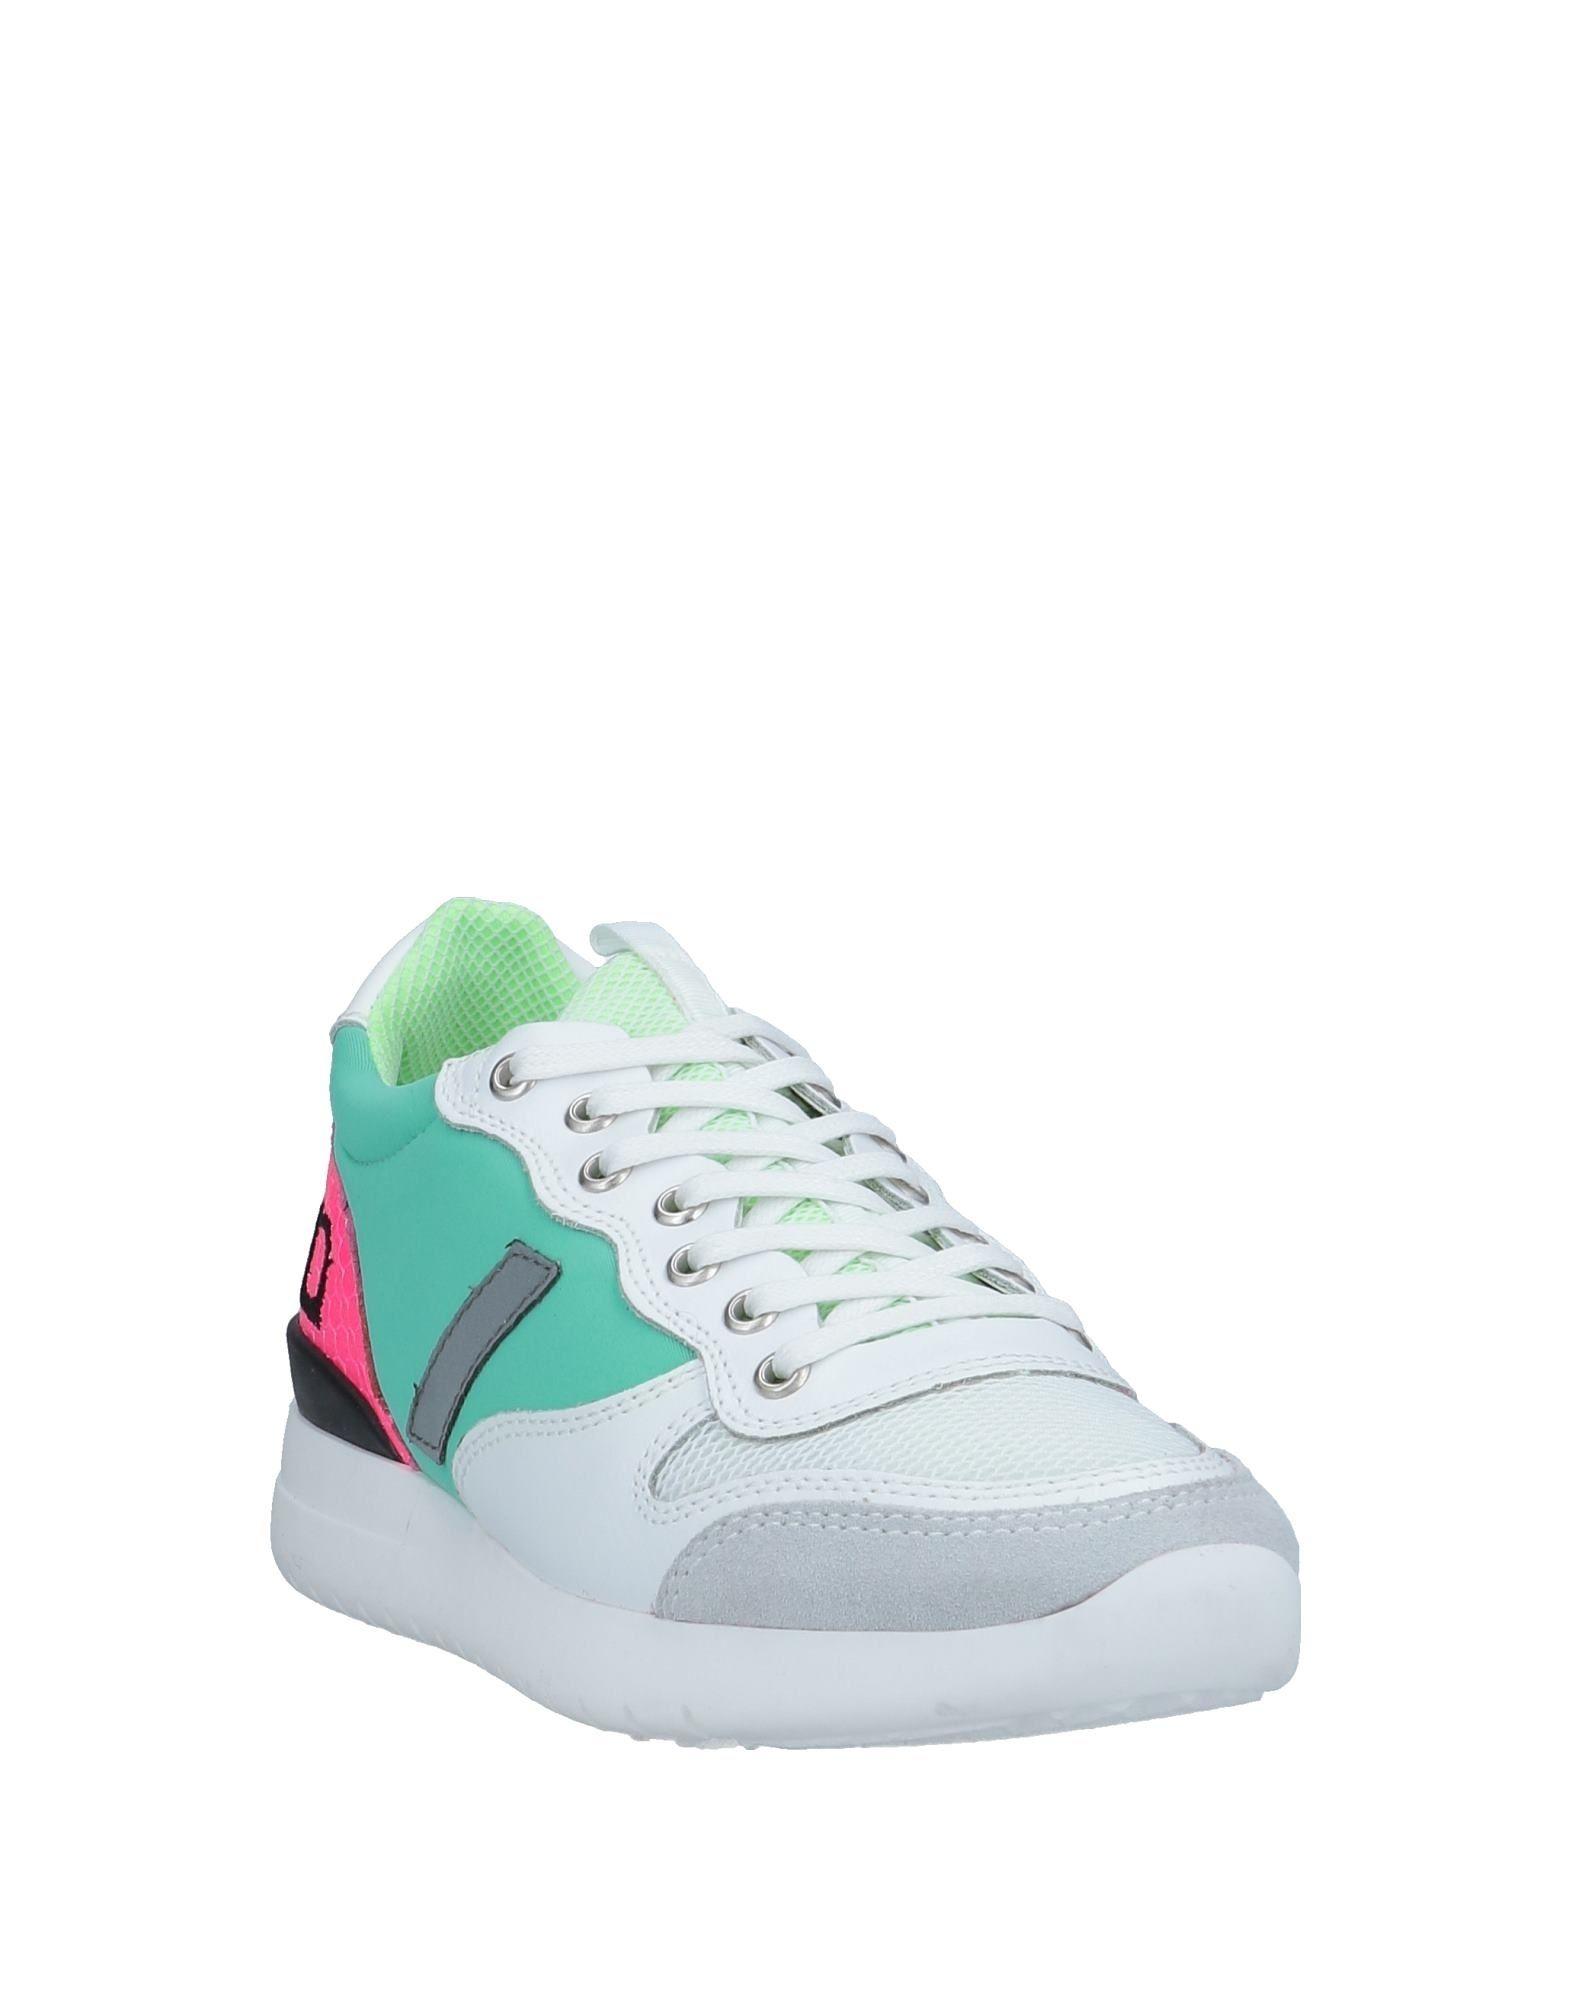 Gut um billige Schuhe  zu tragenD.A.T.E. Sneakers Damen  Schuhe 11554520PF 82c339